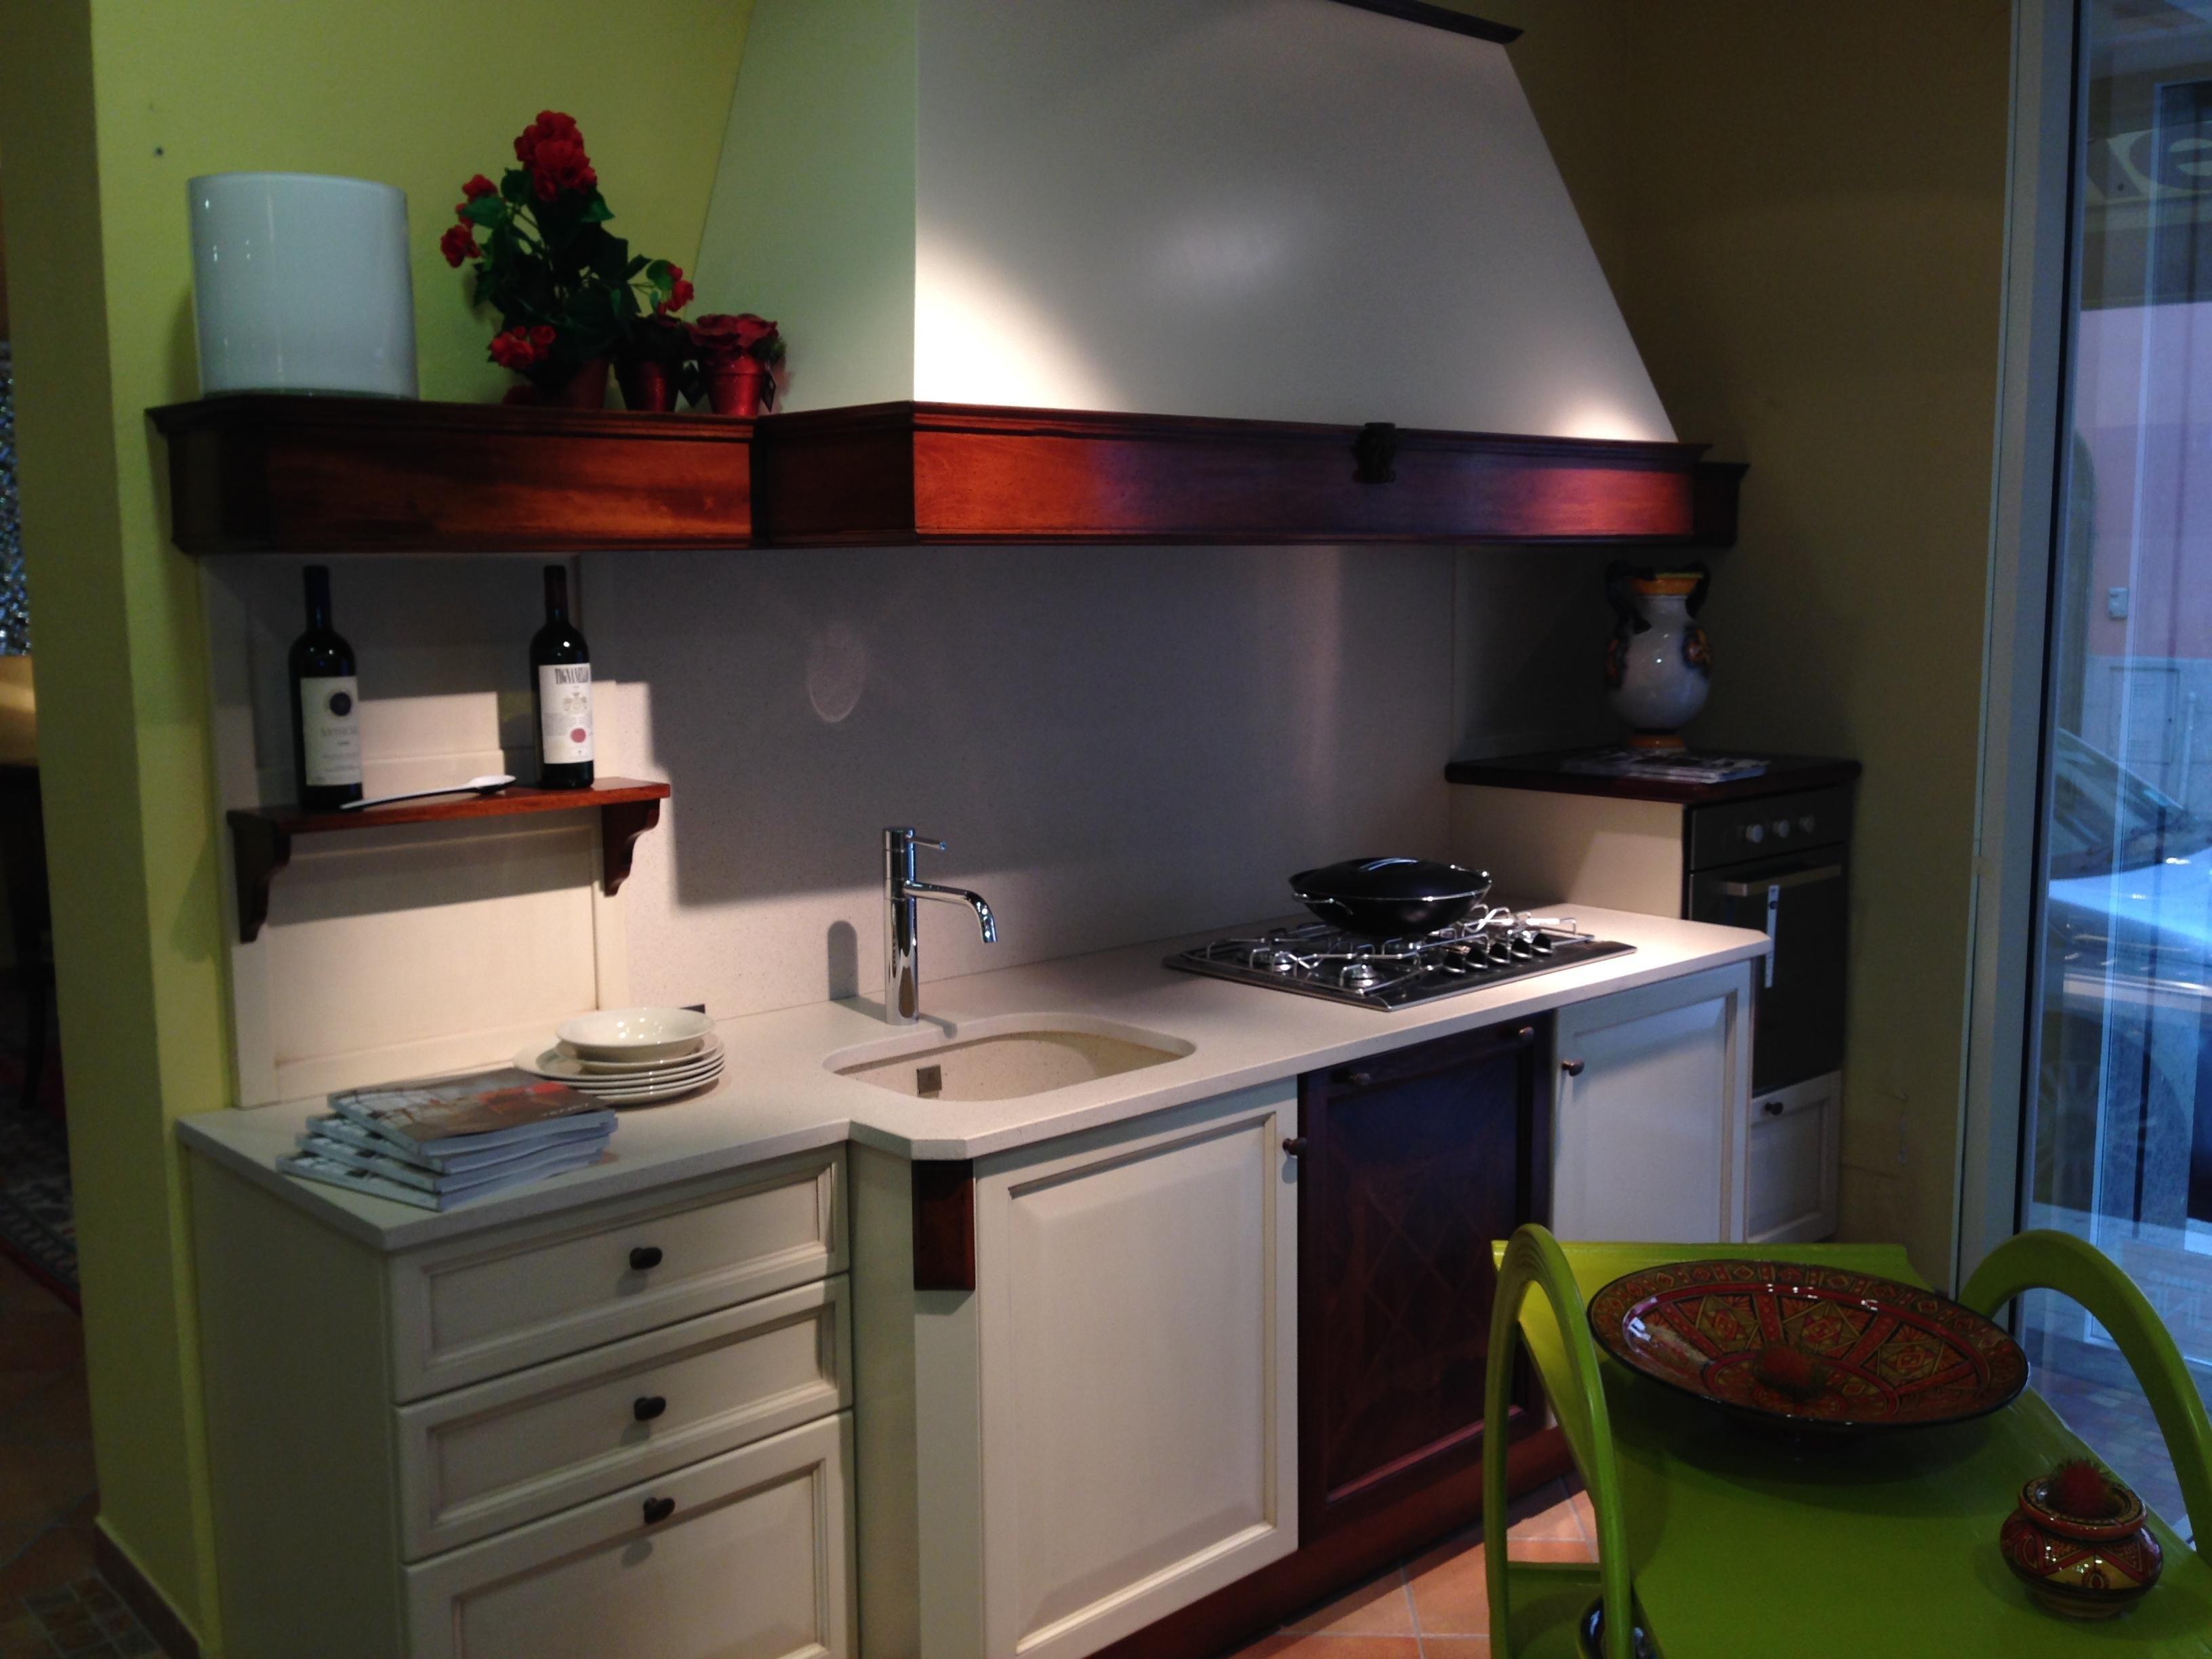 Cucina marchetti sotern scontato del 51 cucine a - Mobilificio marchetti ...